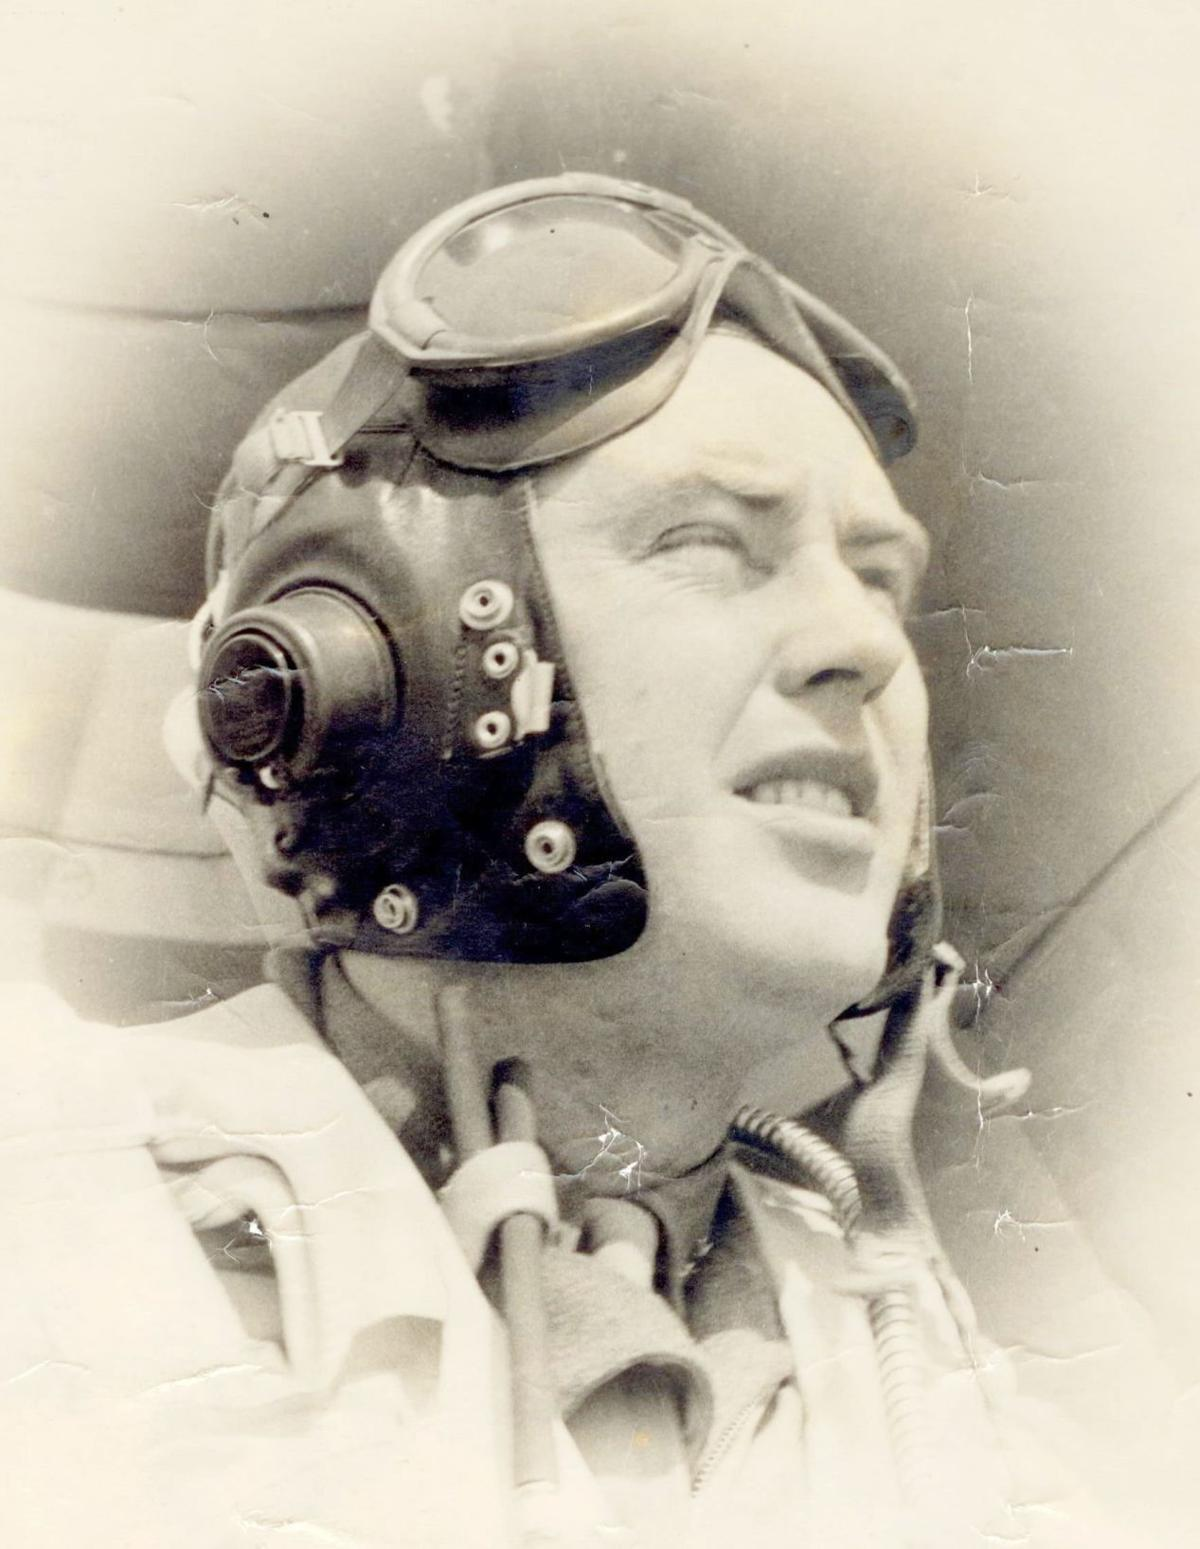 Col. Irwin H. Dregne